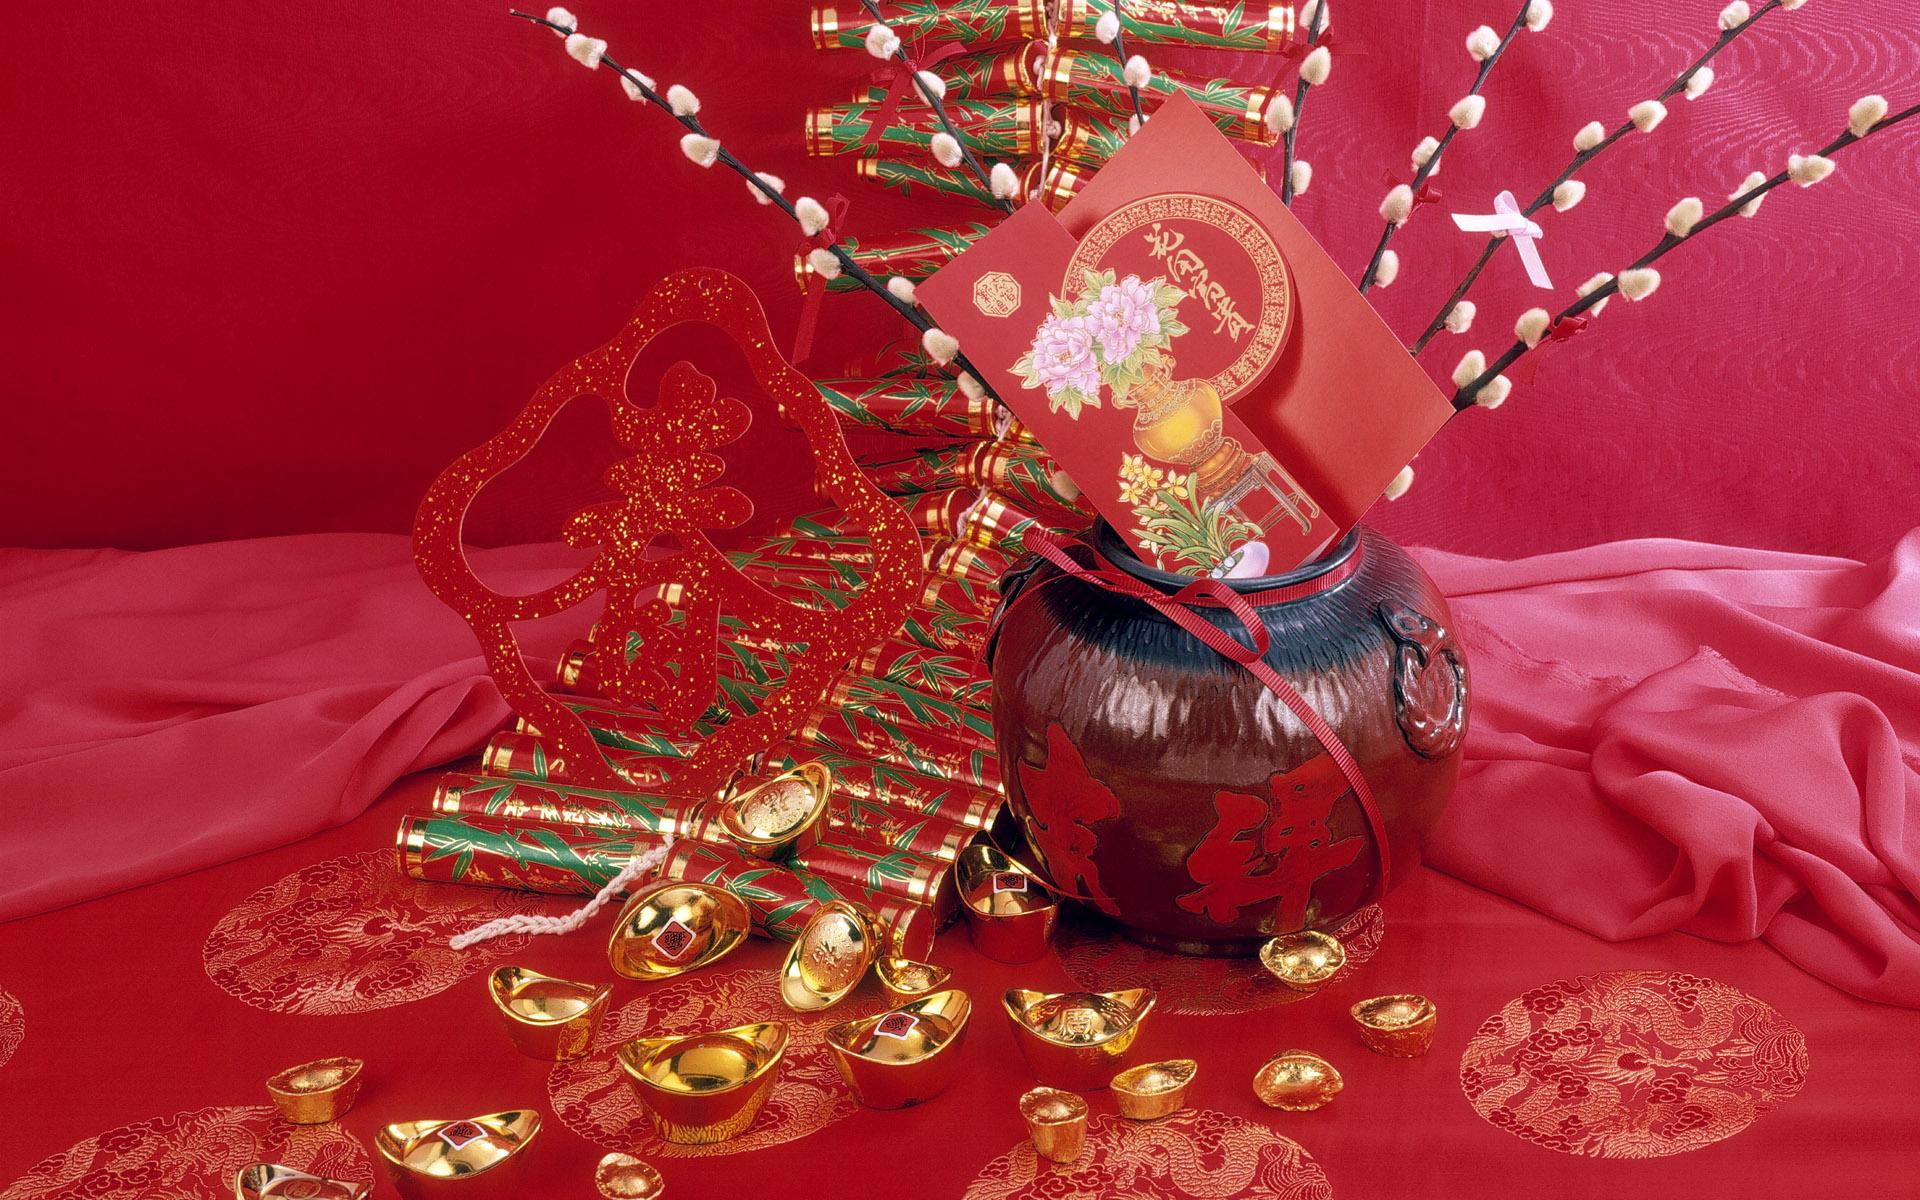 chinese new year widewcreen wallpaper chinese new year widewcreen 1920x1200